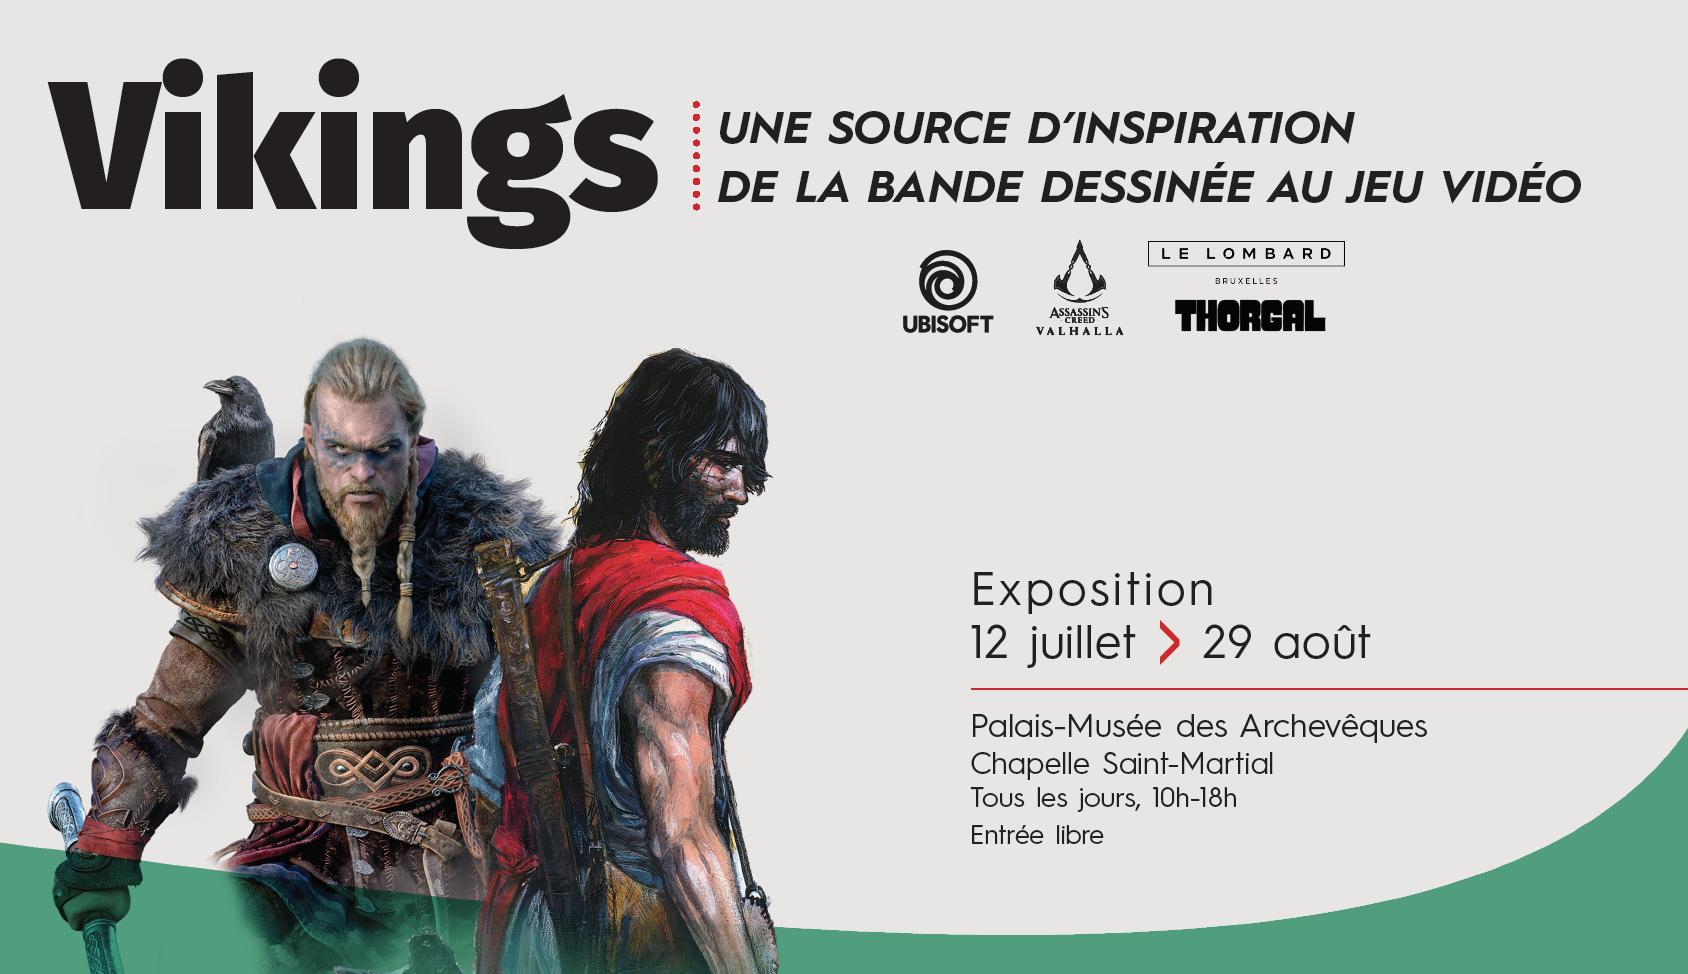 """Exposition """"Vikings : une source d'inspiration, de la bande dessinée au jeu vidéo"""""""